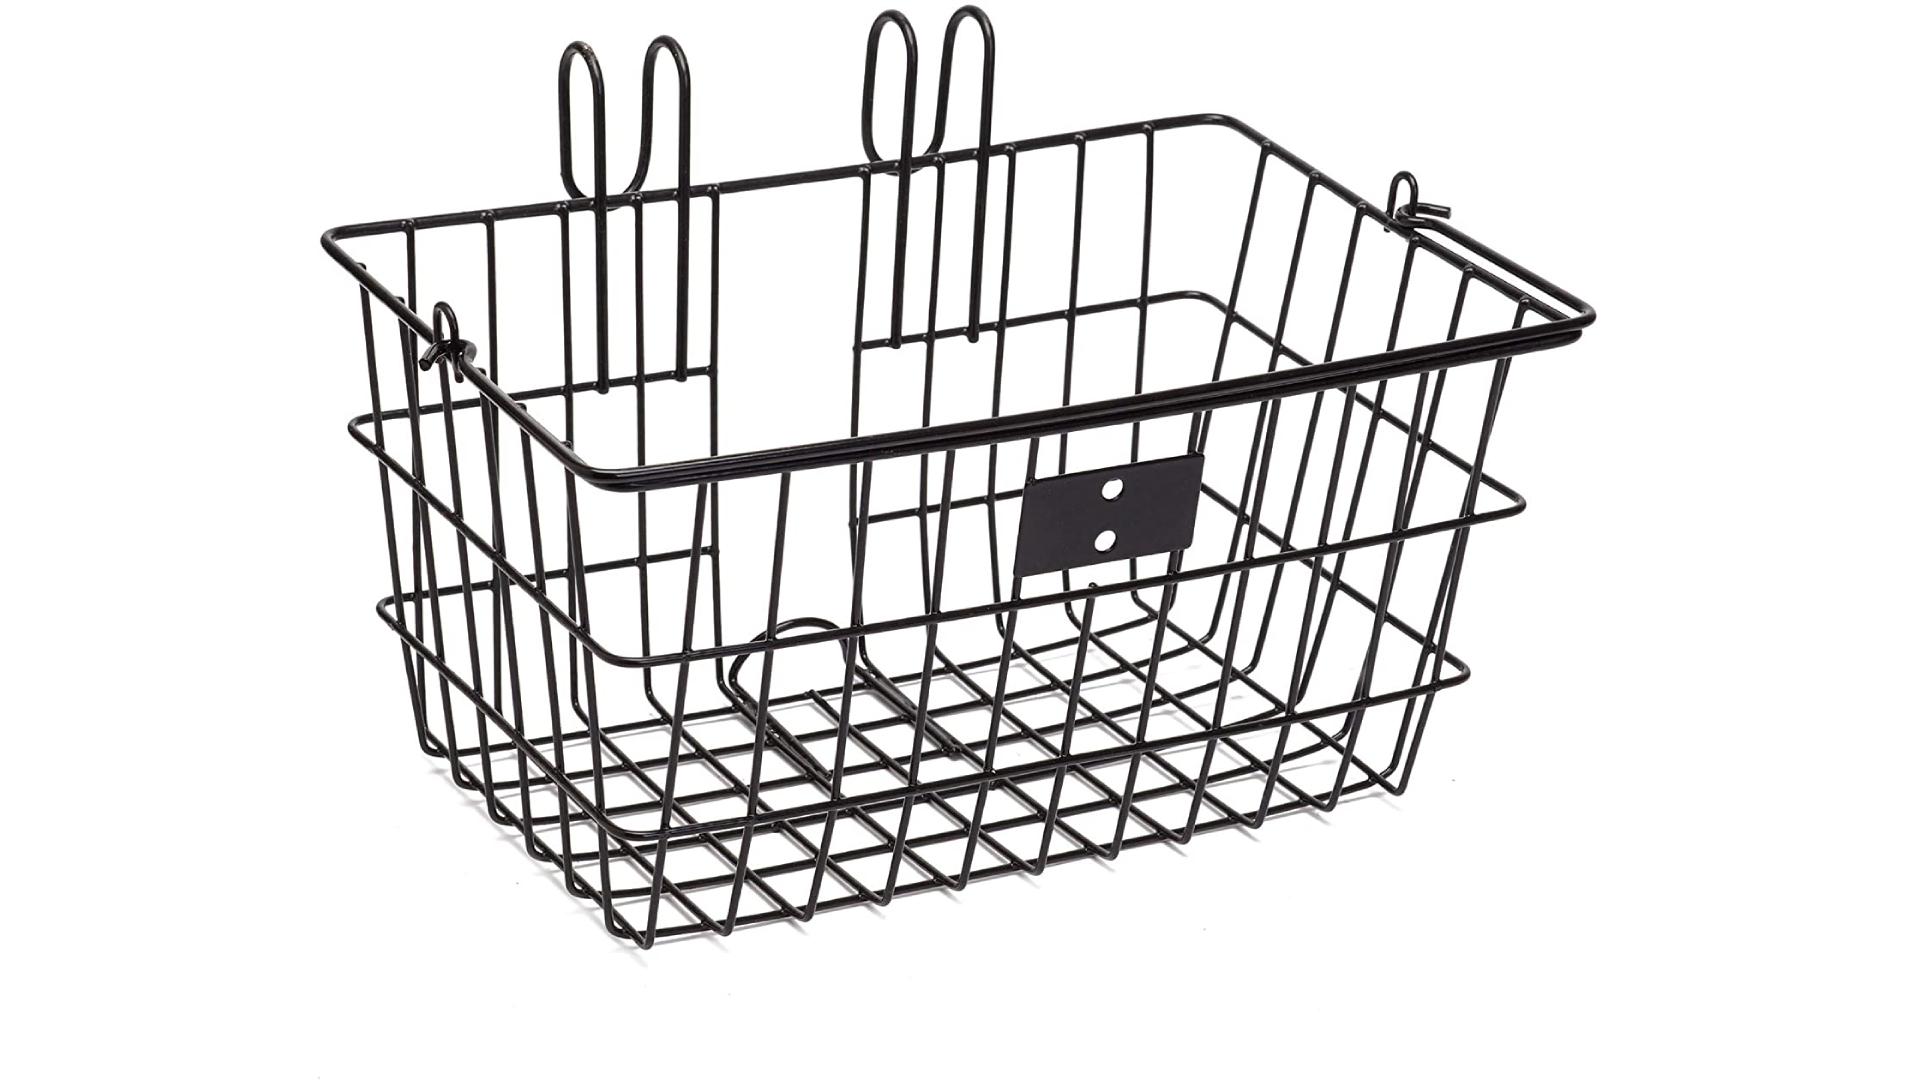 a metal bike basket